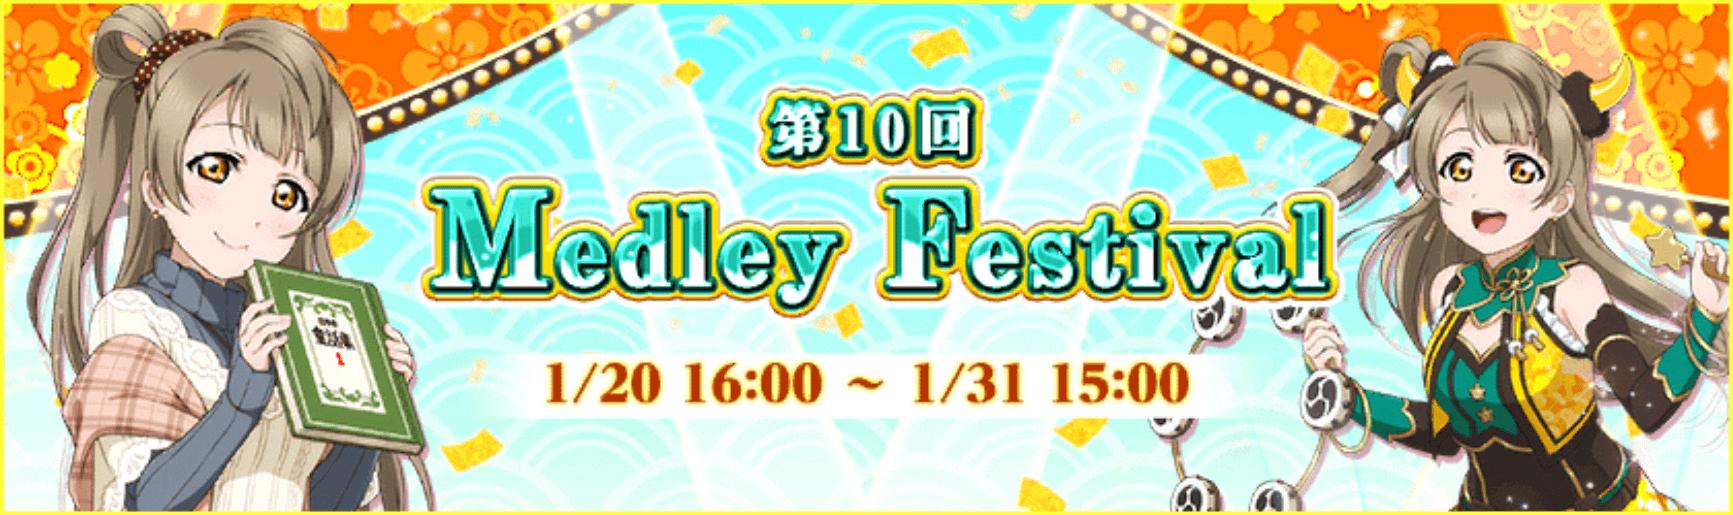 Medley Festival Round 10